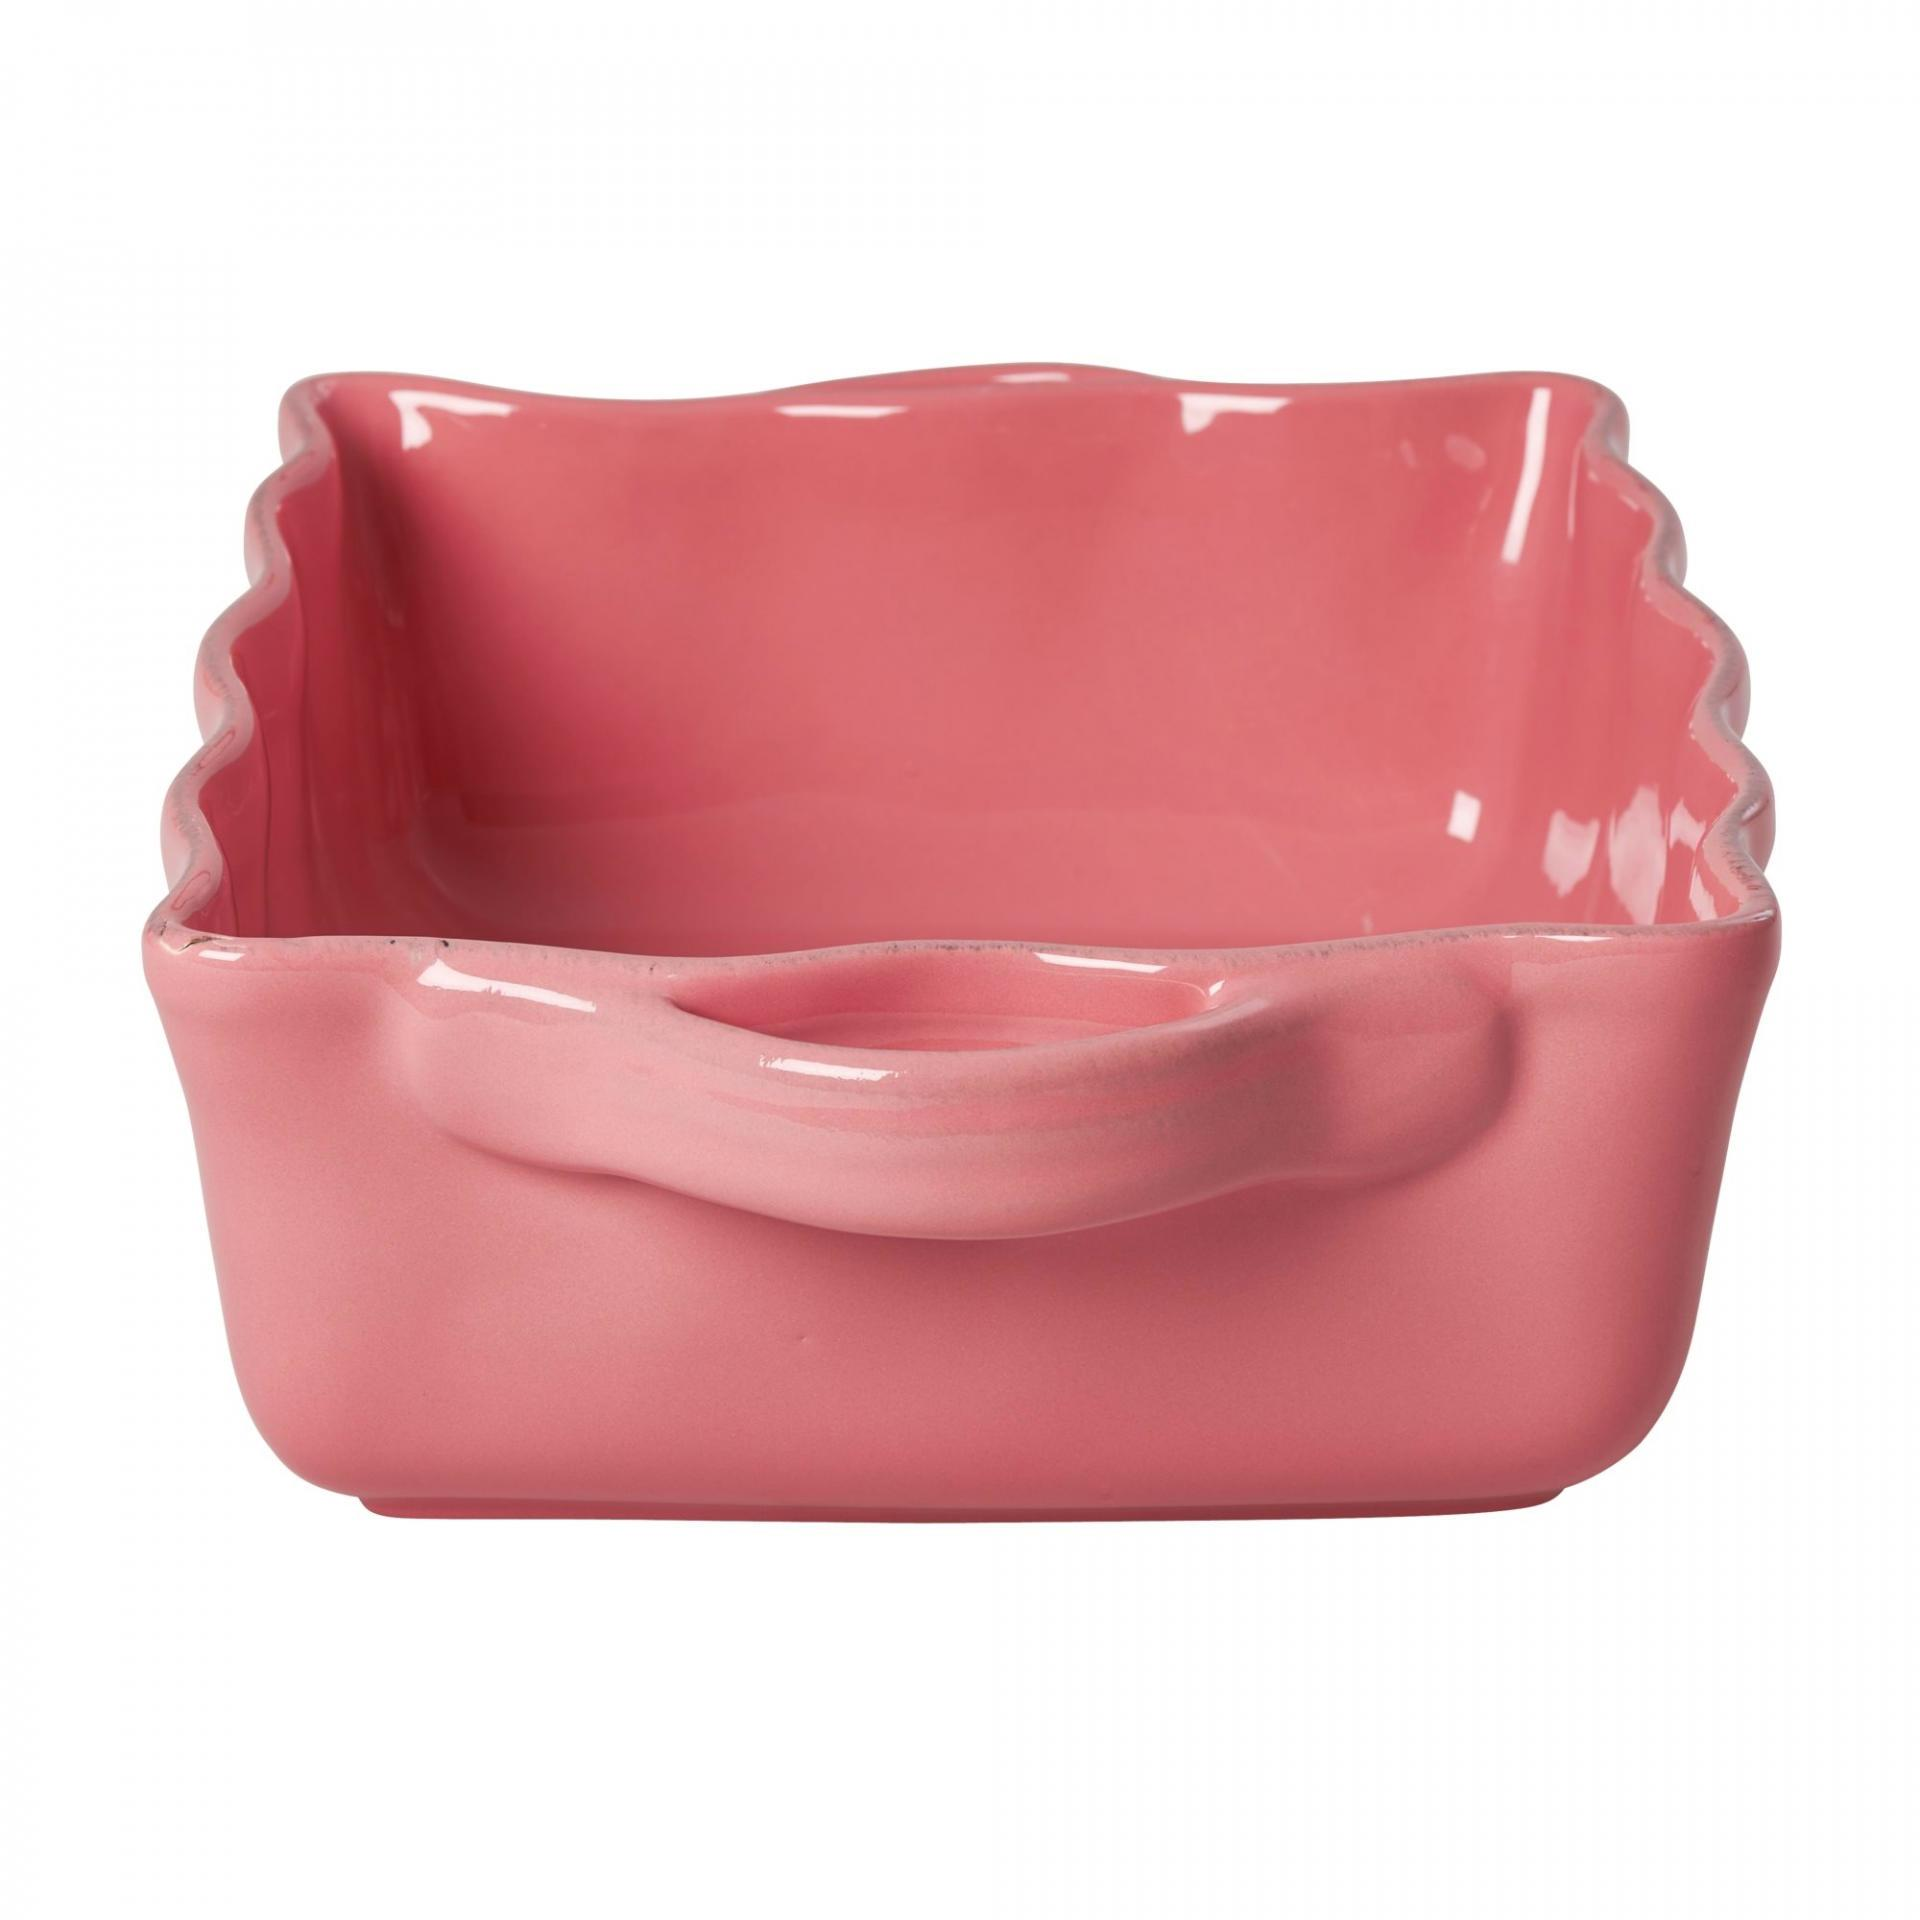 rice Keramická zapékací mísa Coral - velká, růžová barva, oranžová barva, keramika